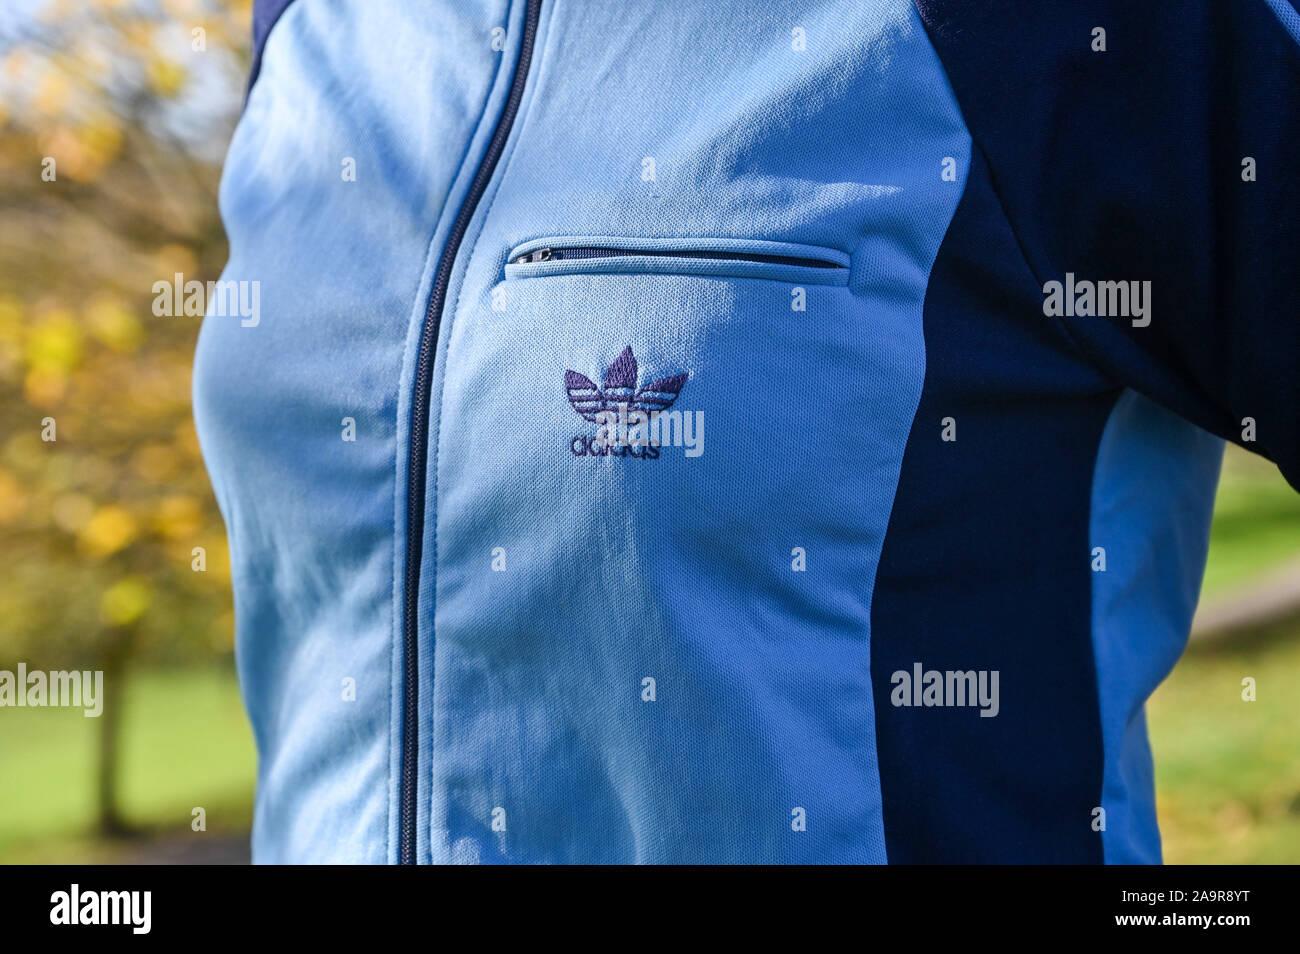 Adidas Oldschool Trainingsanzug Hose Stockfoto, Bild